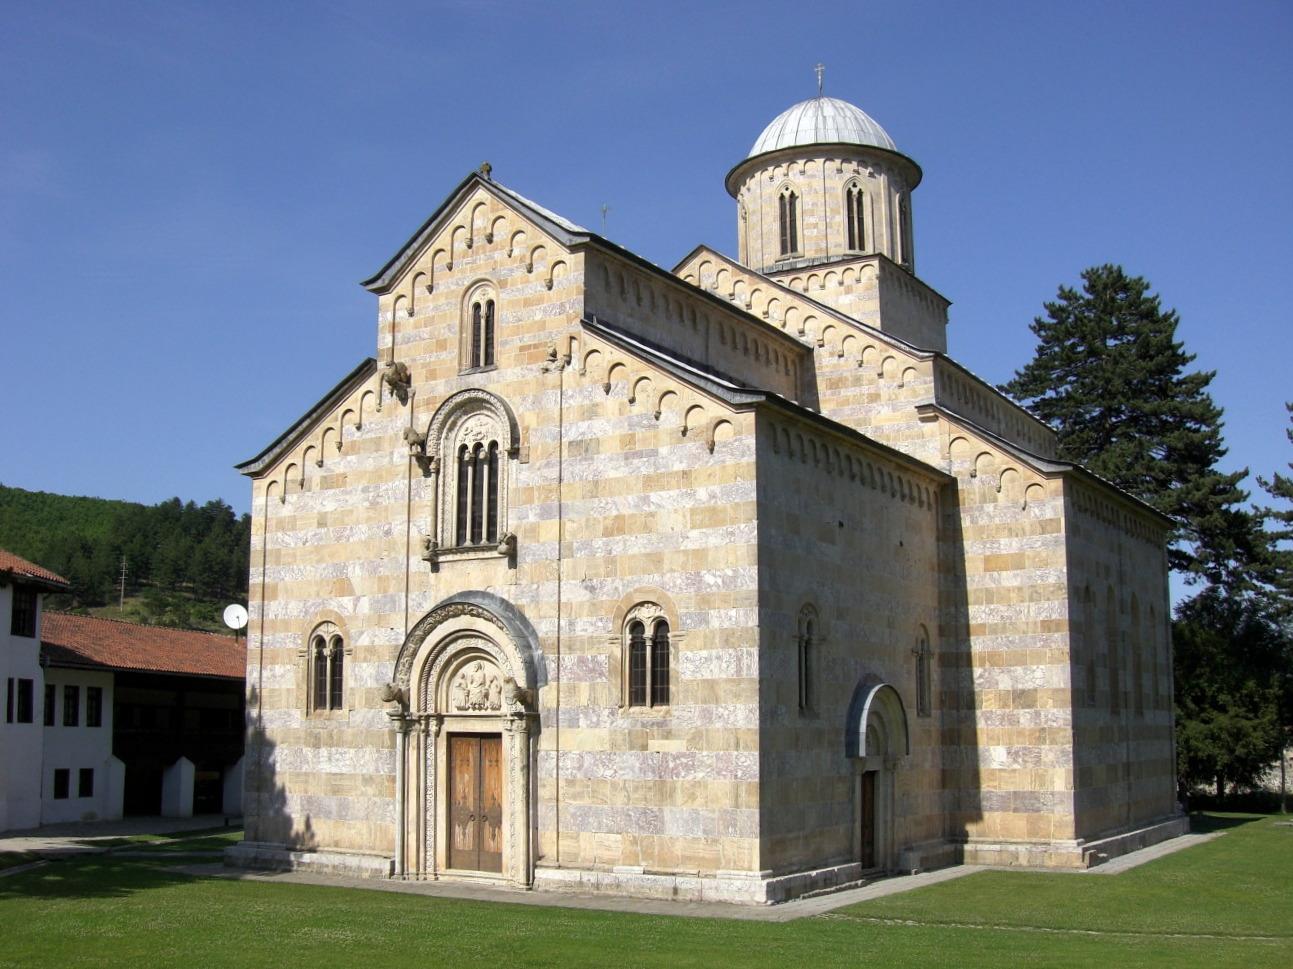 albanski-istoricari-iguman-visokih-decana-da-se-izvini-za-genocid-srpske-drzave-i-naroda-a-manastir-je-albanski